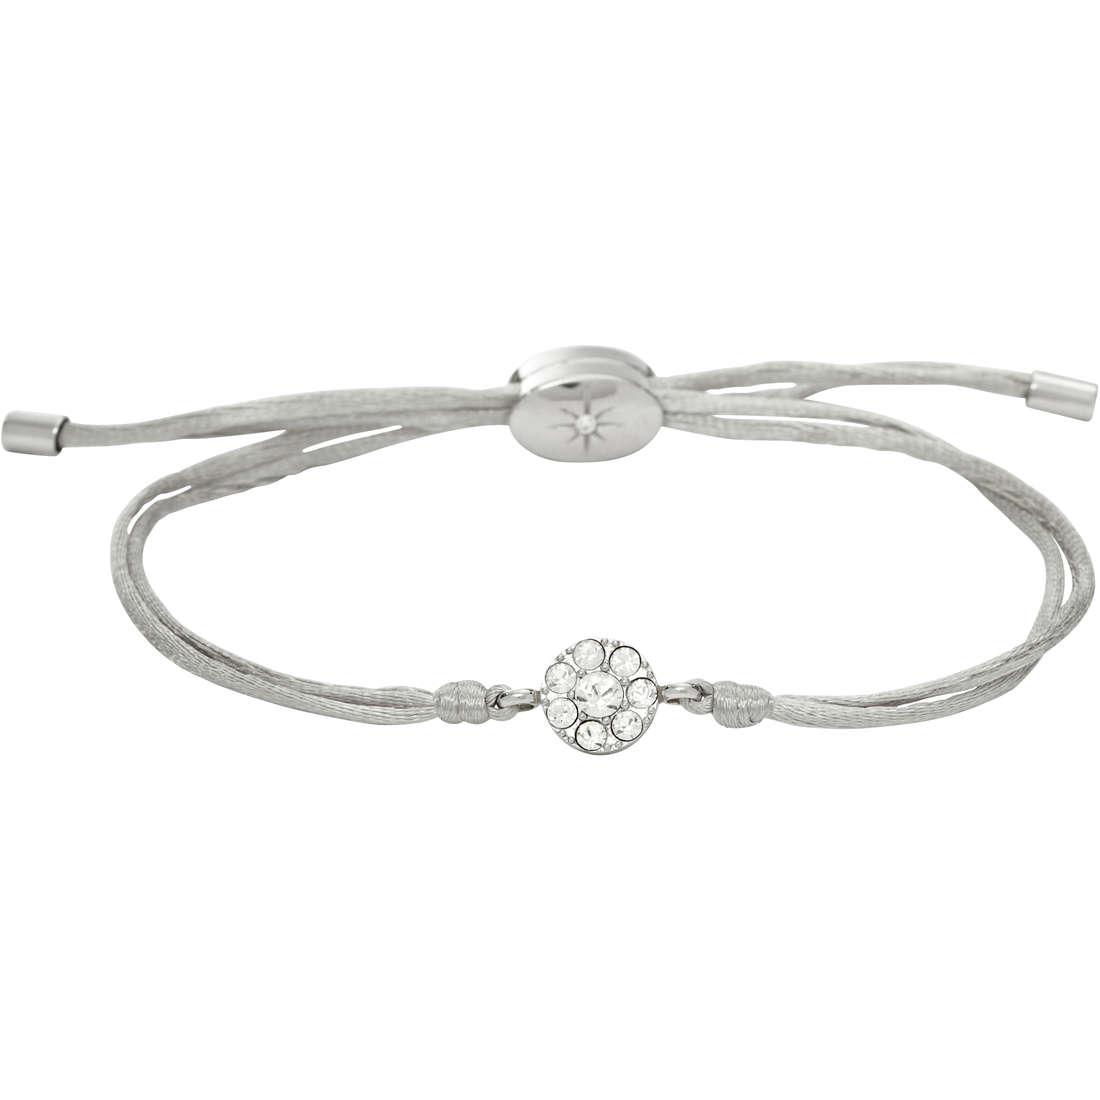 bracelet woman jewellery Fossil Fall 2013 JF00836040